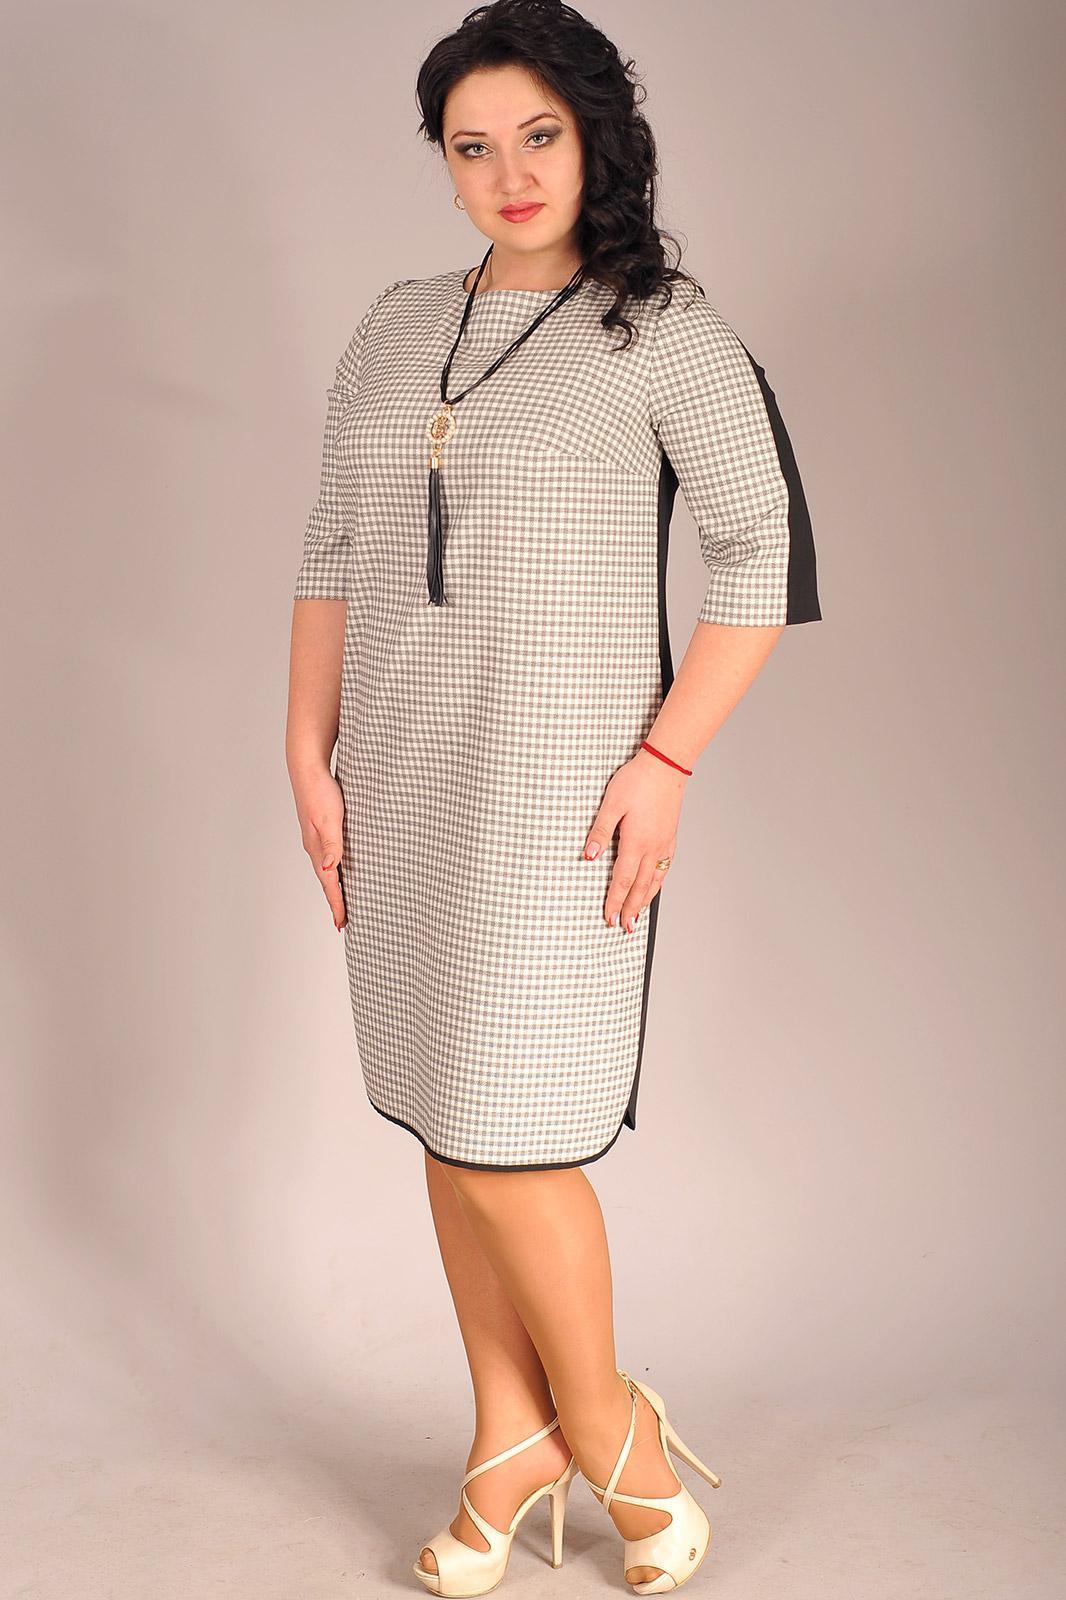 Платье Edibor, 1041 бежевый, Беларусь  - купить со скидкой